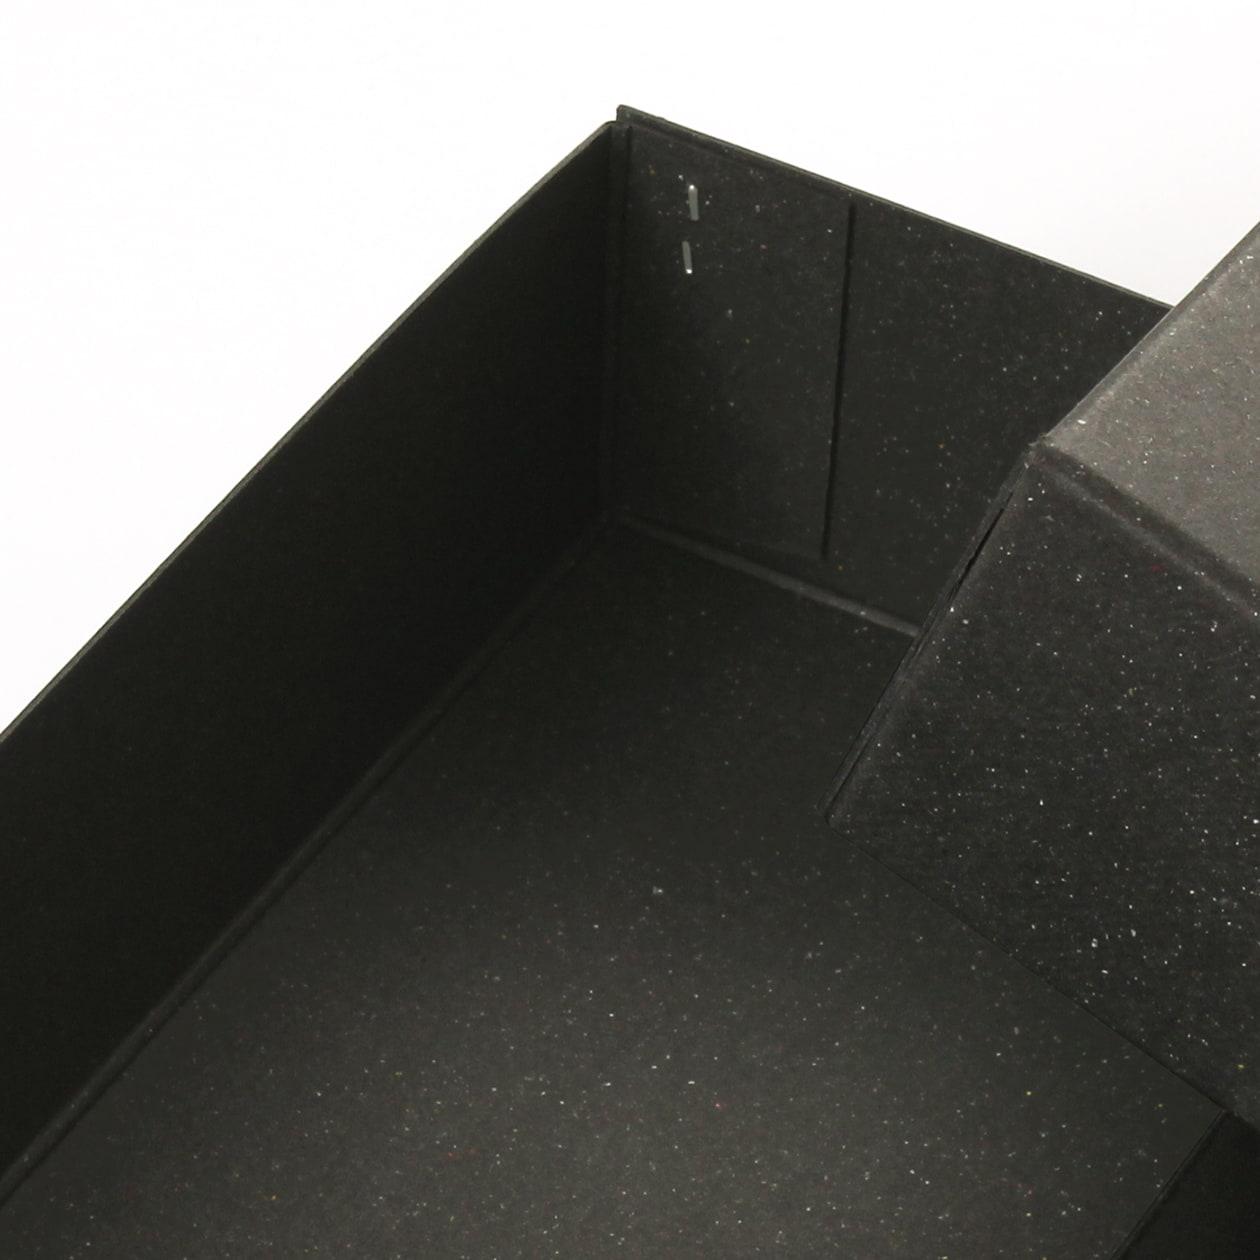 ホッチキス箱 サイズM_2 ボード紙 チャコールグレー